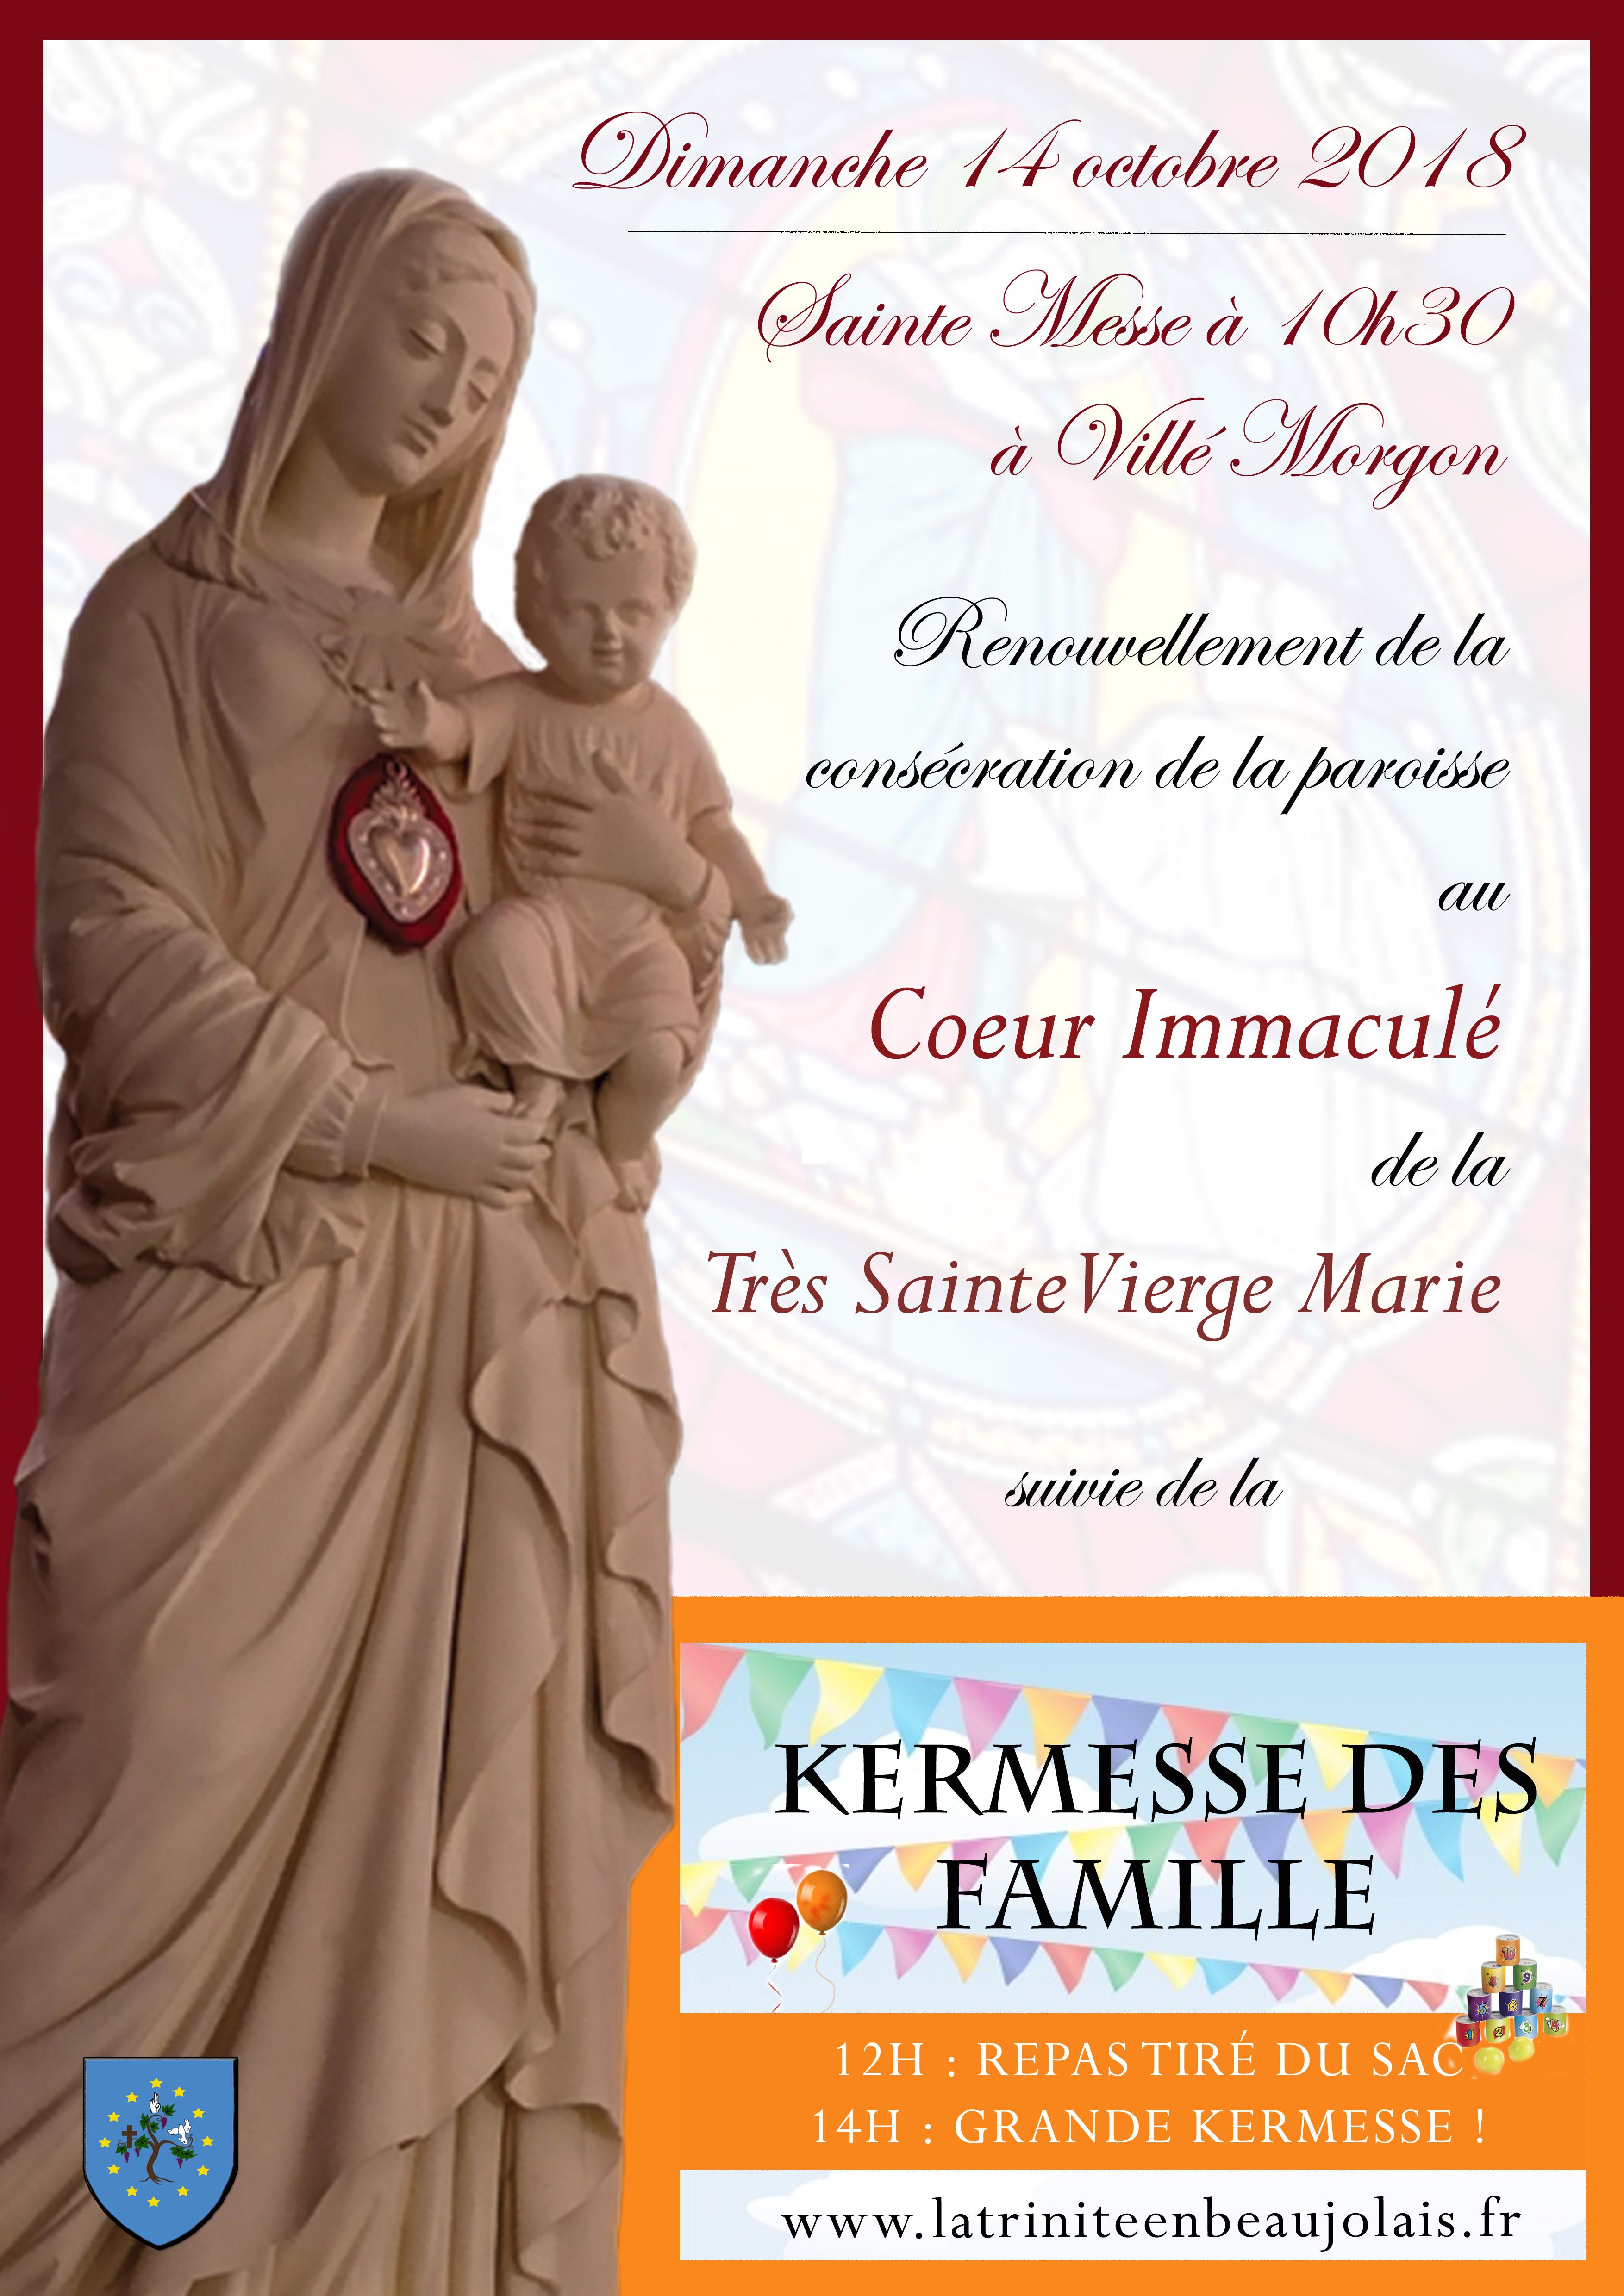 Renouvellement de la consécration de la paroisse de la Trinité en Beaujolais (69) au Cœur Immaculé de la Très Sainte Vierge Marie et kermesse – le 14 octobre 2018